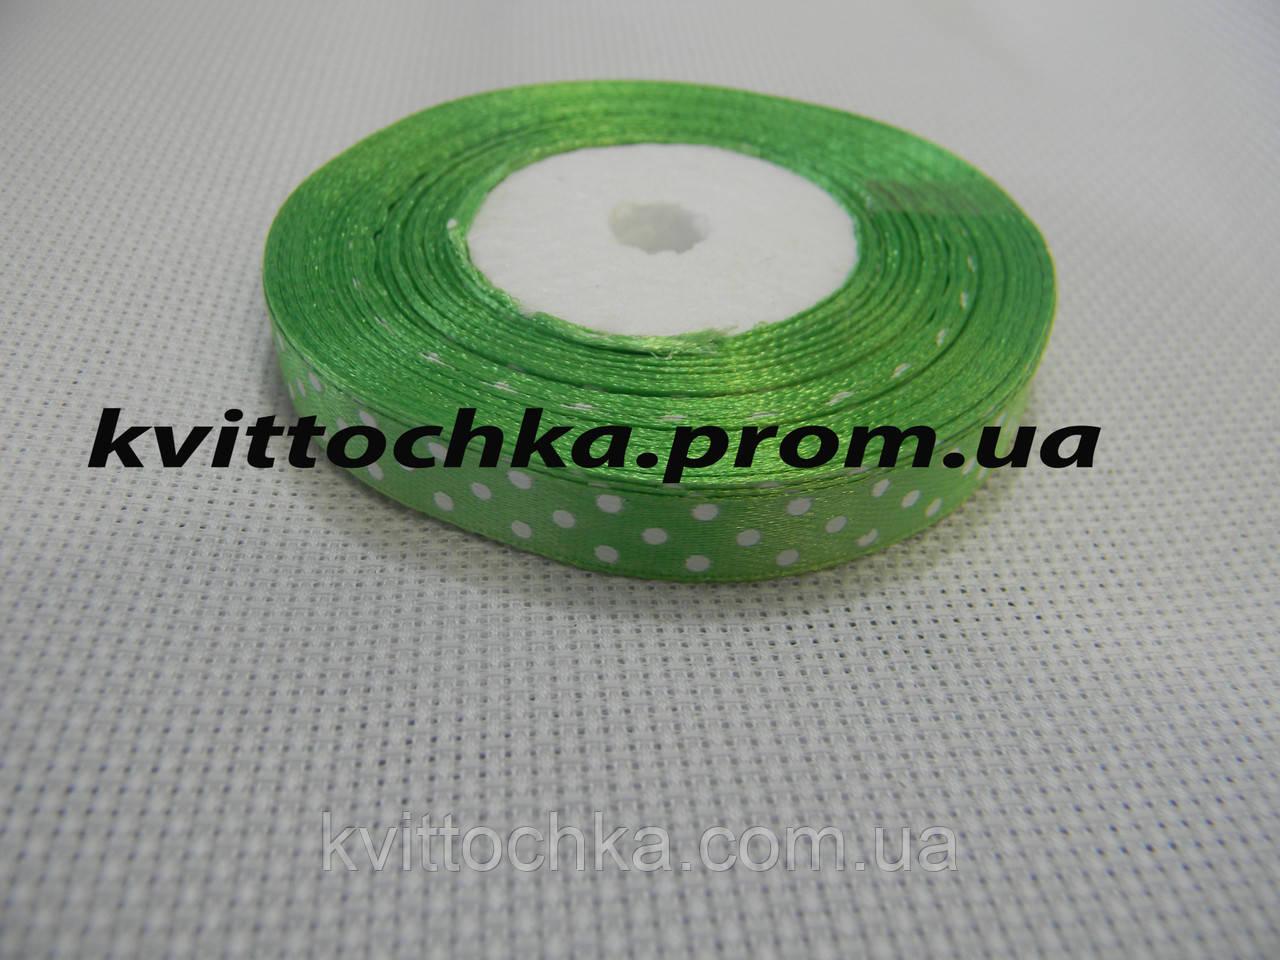 Атласная лента в горошек 1,5 см. (23 м.), цвет - салатовый